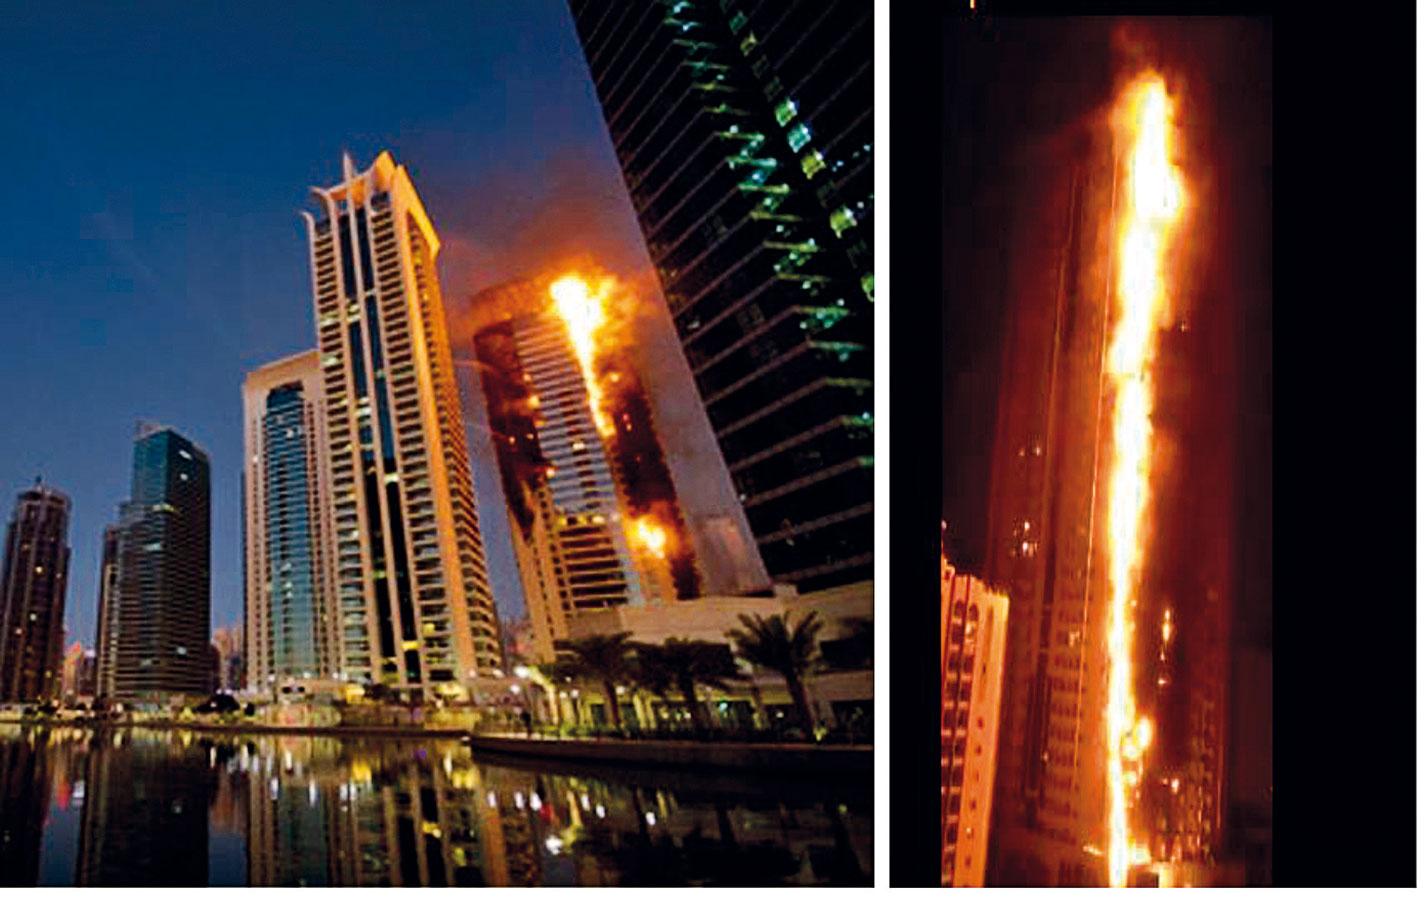 Požiar 34-poschodovej výškovej budovy vDubaji, Spojené arabské emiráty